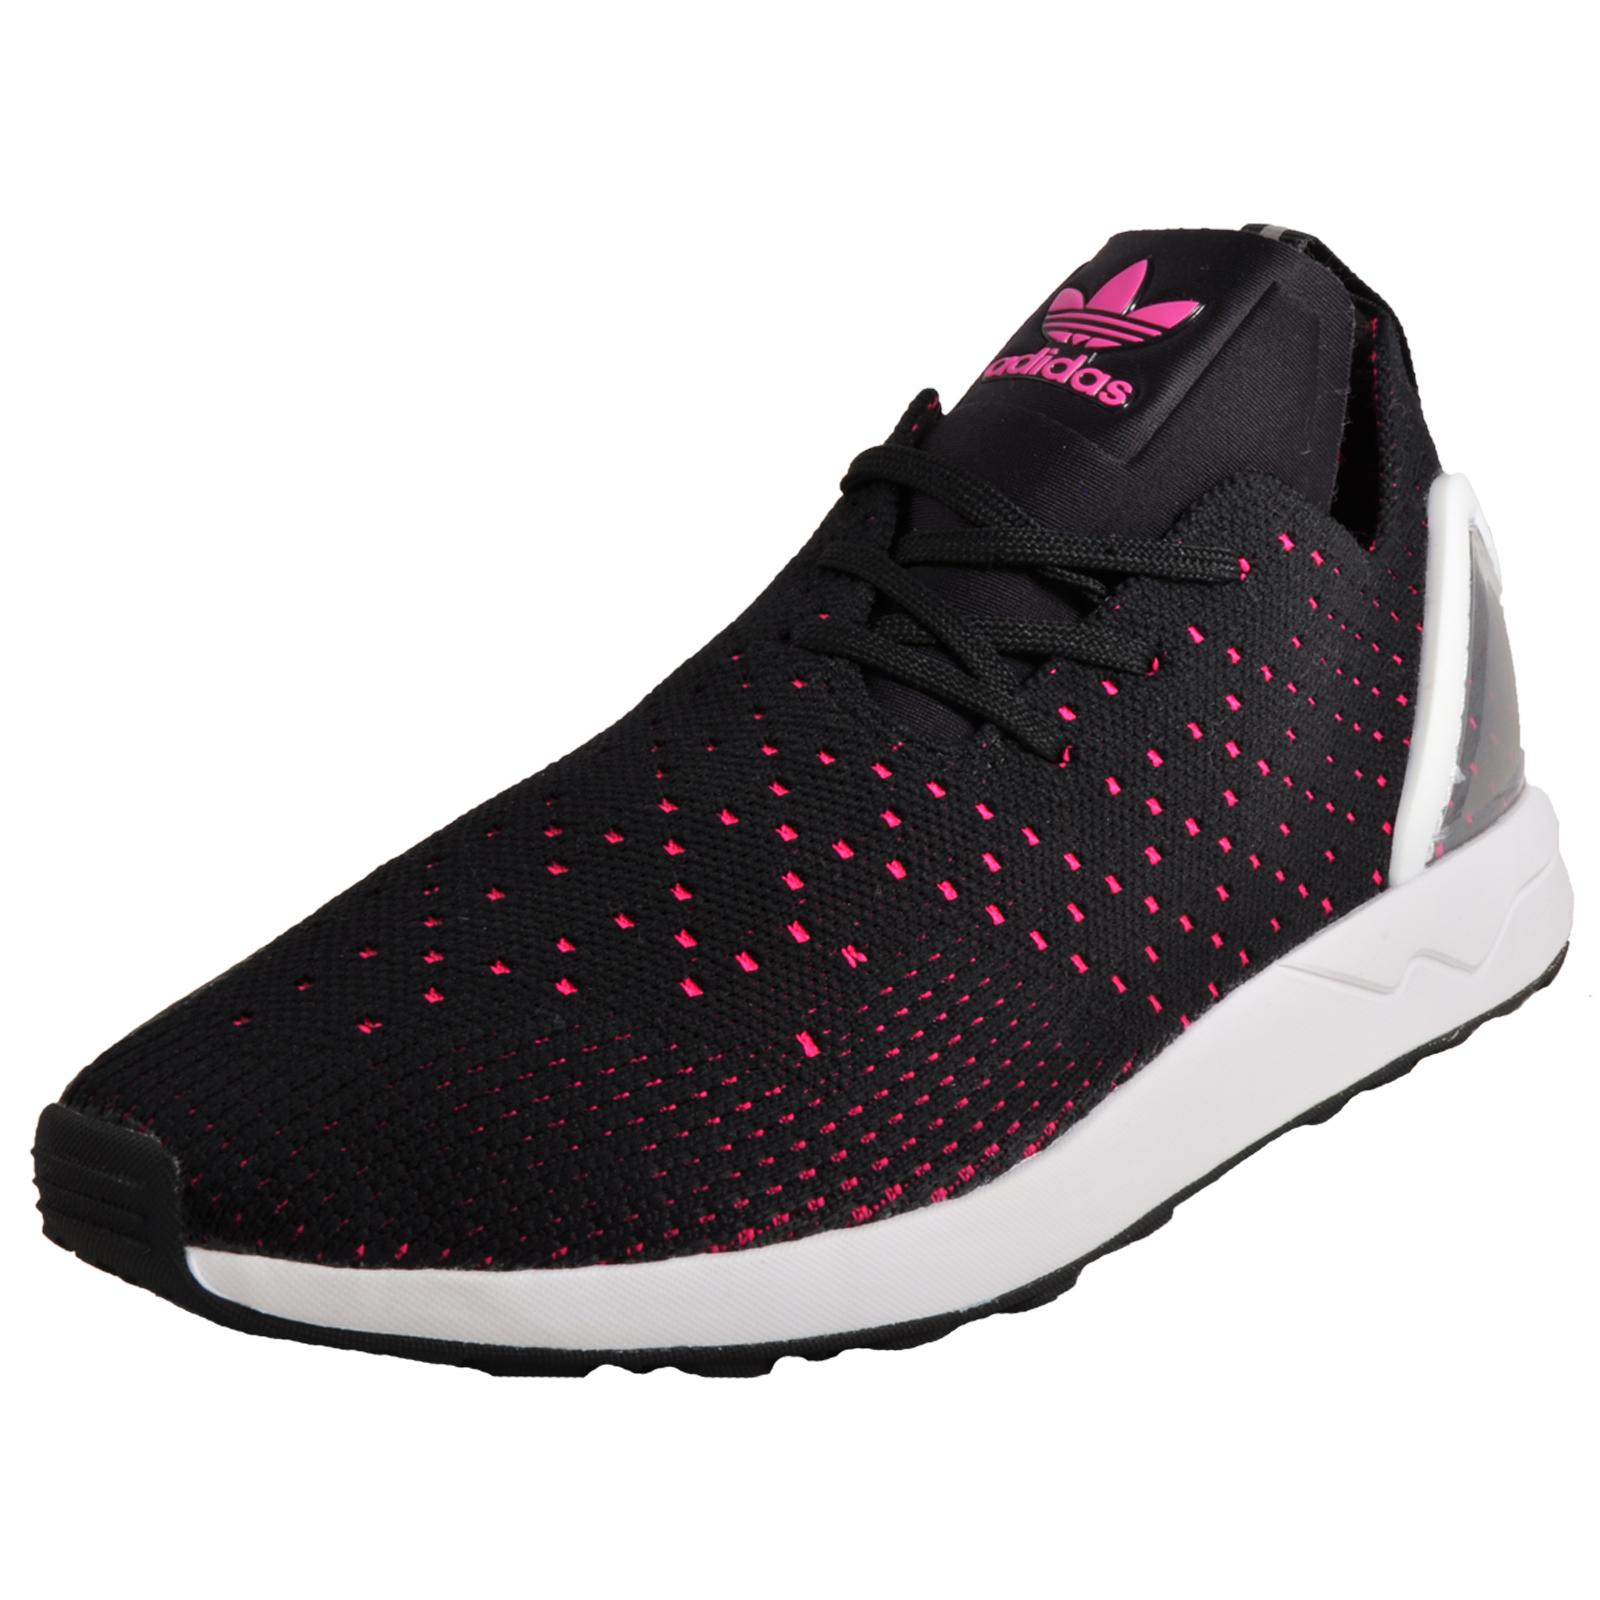 5df987e6bd255 6a280 b8959  promo code for adidas originals zx flux adv asymmetrical primeknit  mens casual gym trainers black e98cd